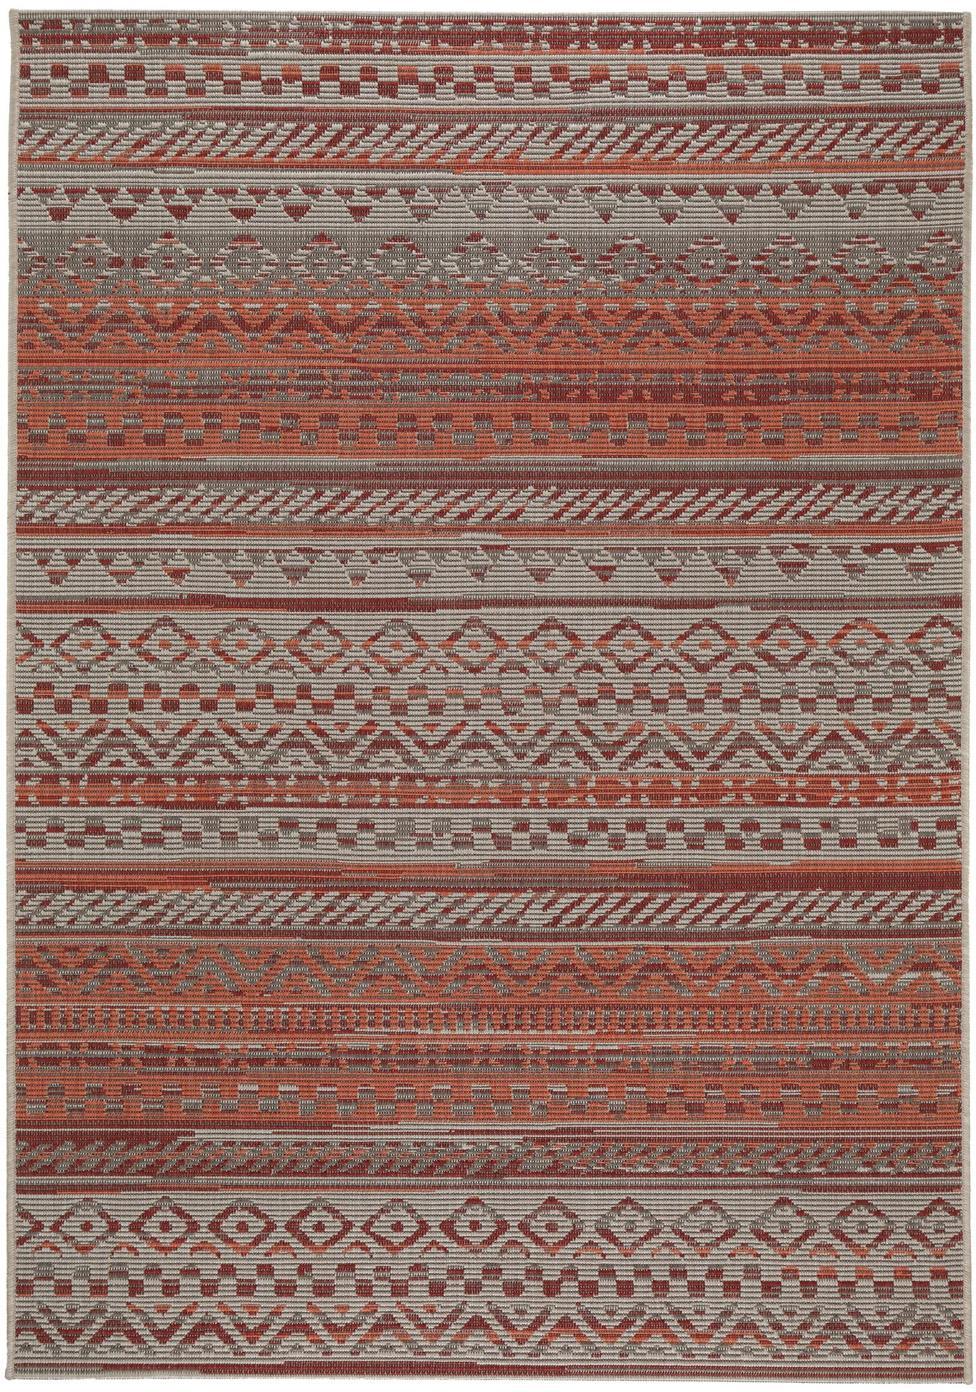 Tappeto da interno-esterno Carina, 100% polipropilene, Rosso, Larg. 80 x Lung. 150 cm (taglia XS)